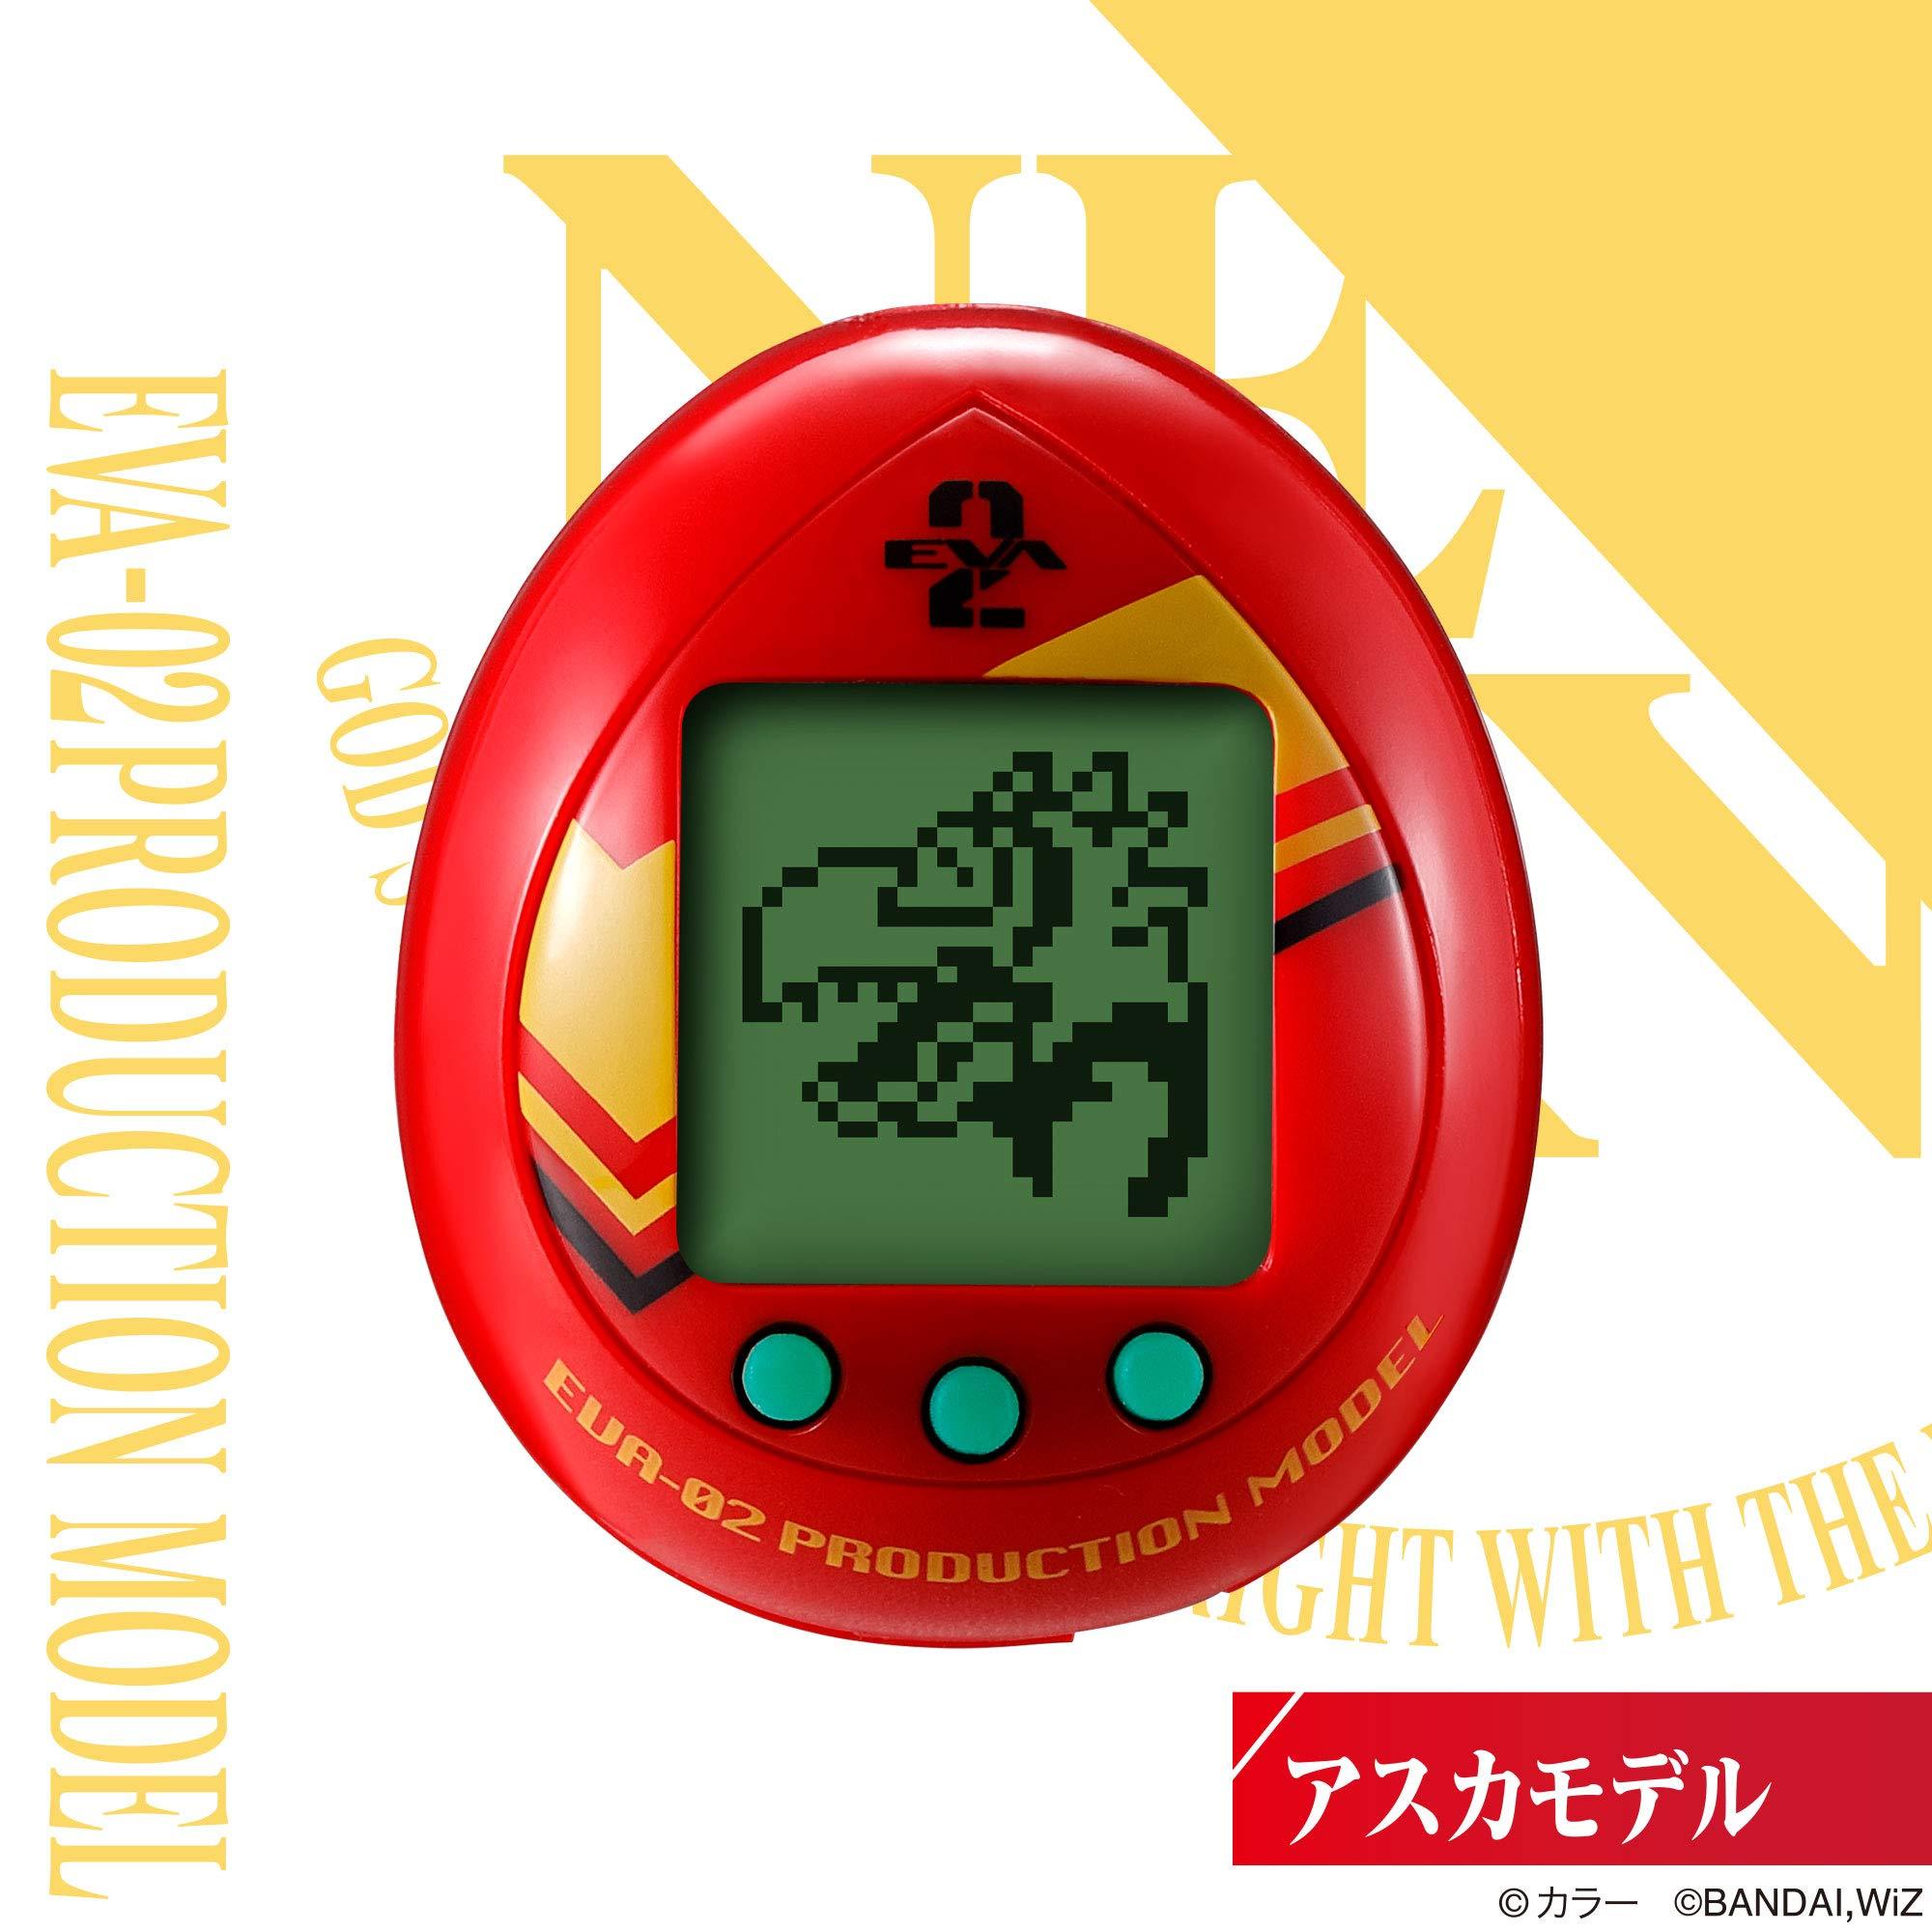 エヴァンゲリオンたまごっち「汎用卵型決戦兵器 エヴァっち」在庫アリ!販売中!